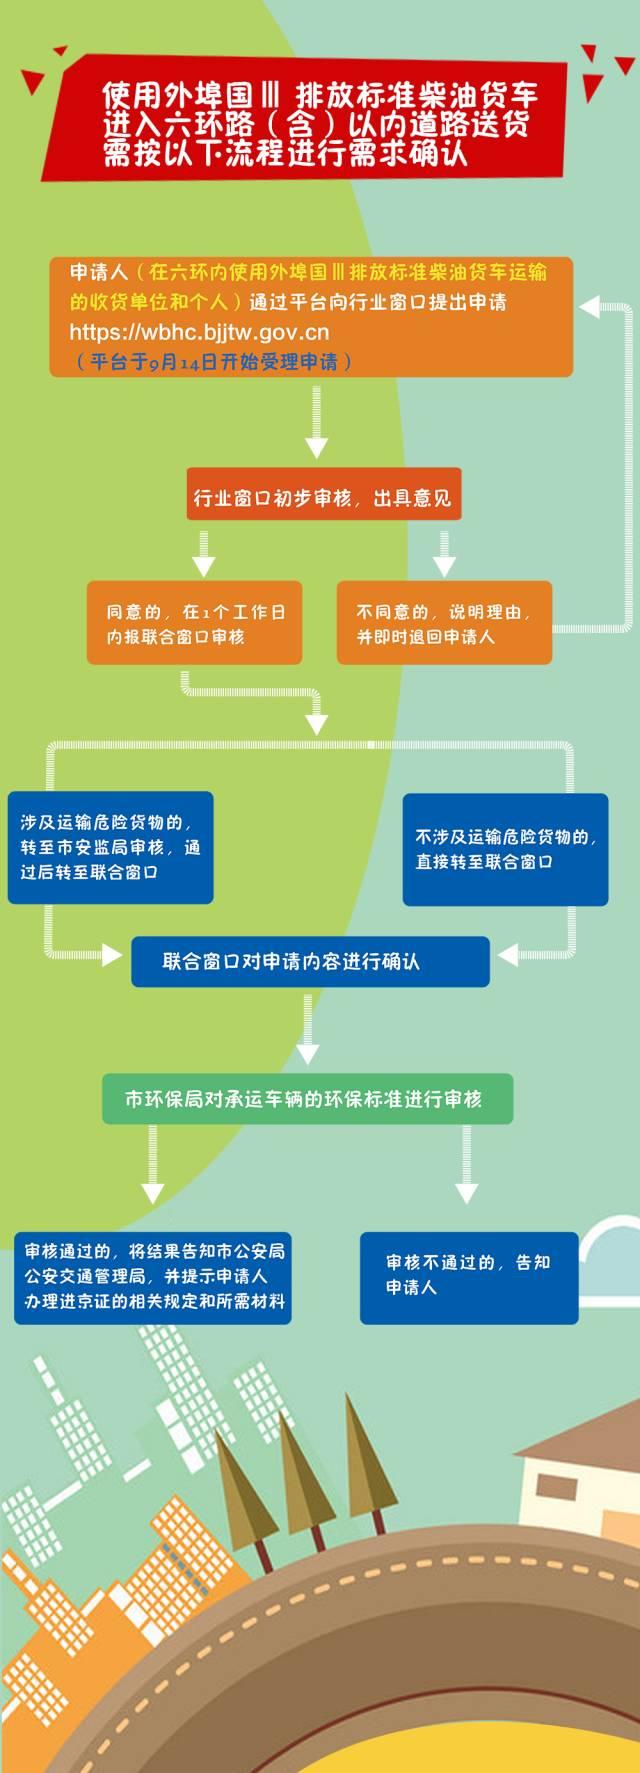 北京坐地铁流程_北京对部分载货汽车采取交通管理措施降低污染物排放的通告 ...